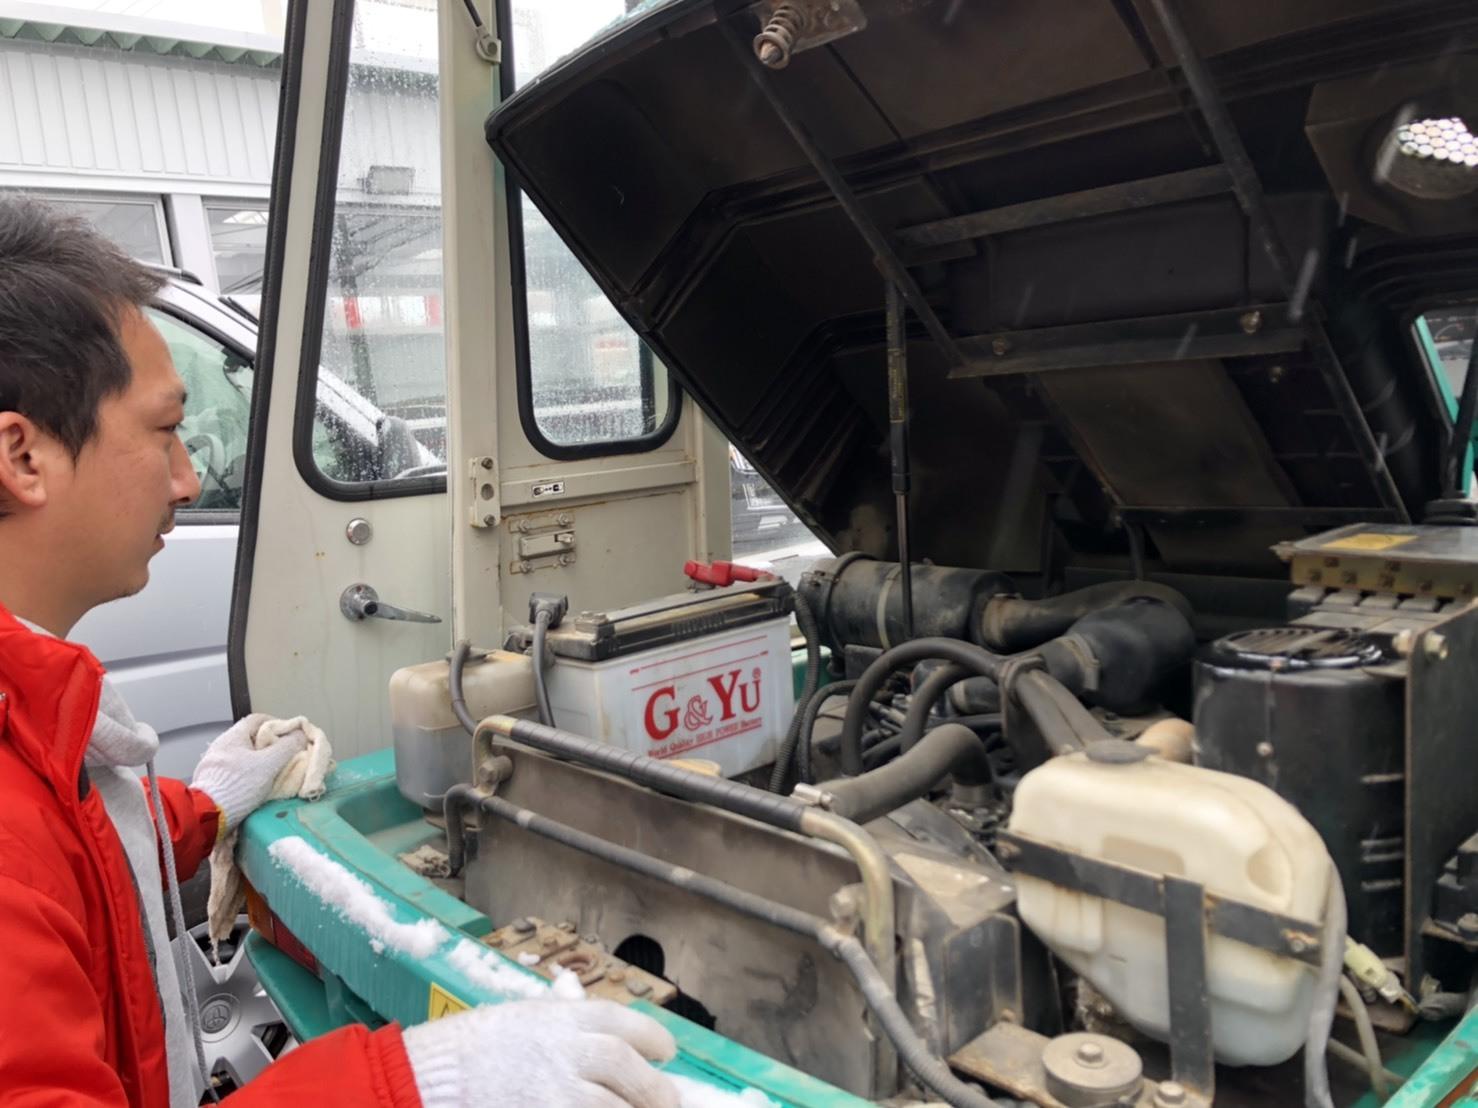 11月15日(金)アウディA6 T様納車✨ 除雪車あります✊ランクル エスカレード ヴェルファイア ♡TOMMY♡_b0127002_19510089.jpg